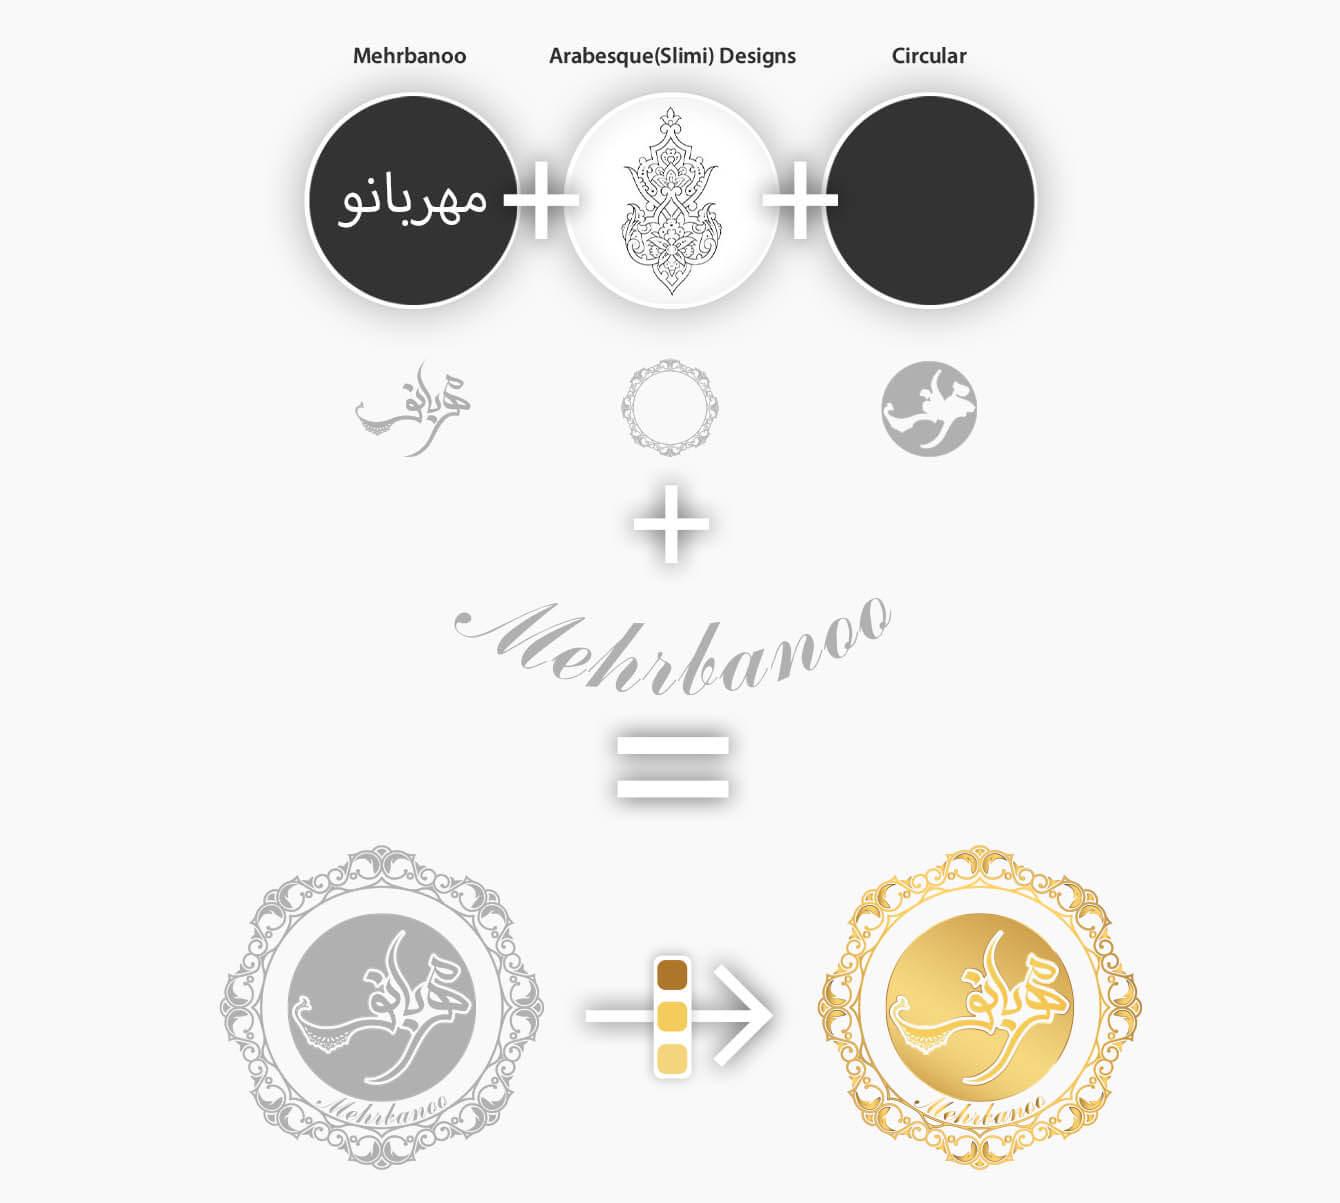 روند طراحی لوگو و ایده پردازی هلدینگ پوشاک کلاسیک و سنتی بانوان مهربانو